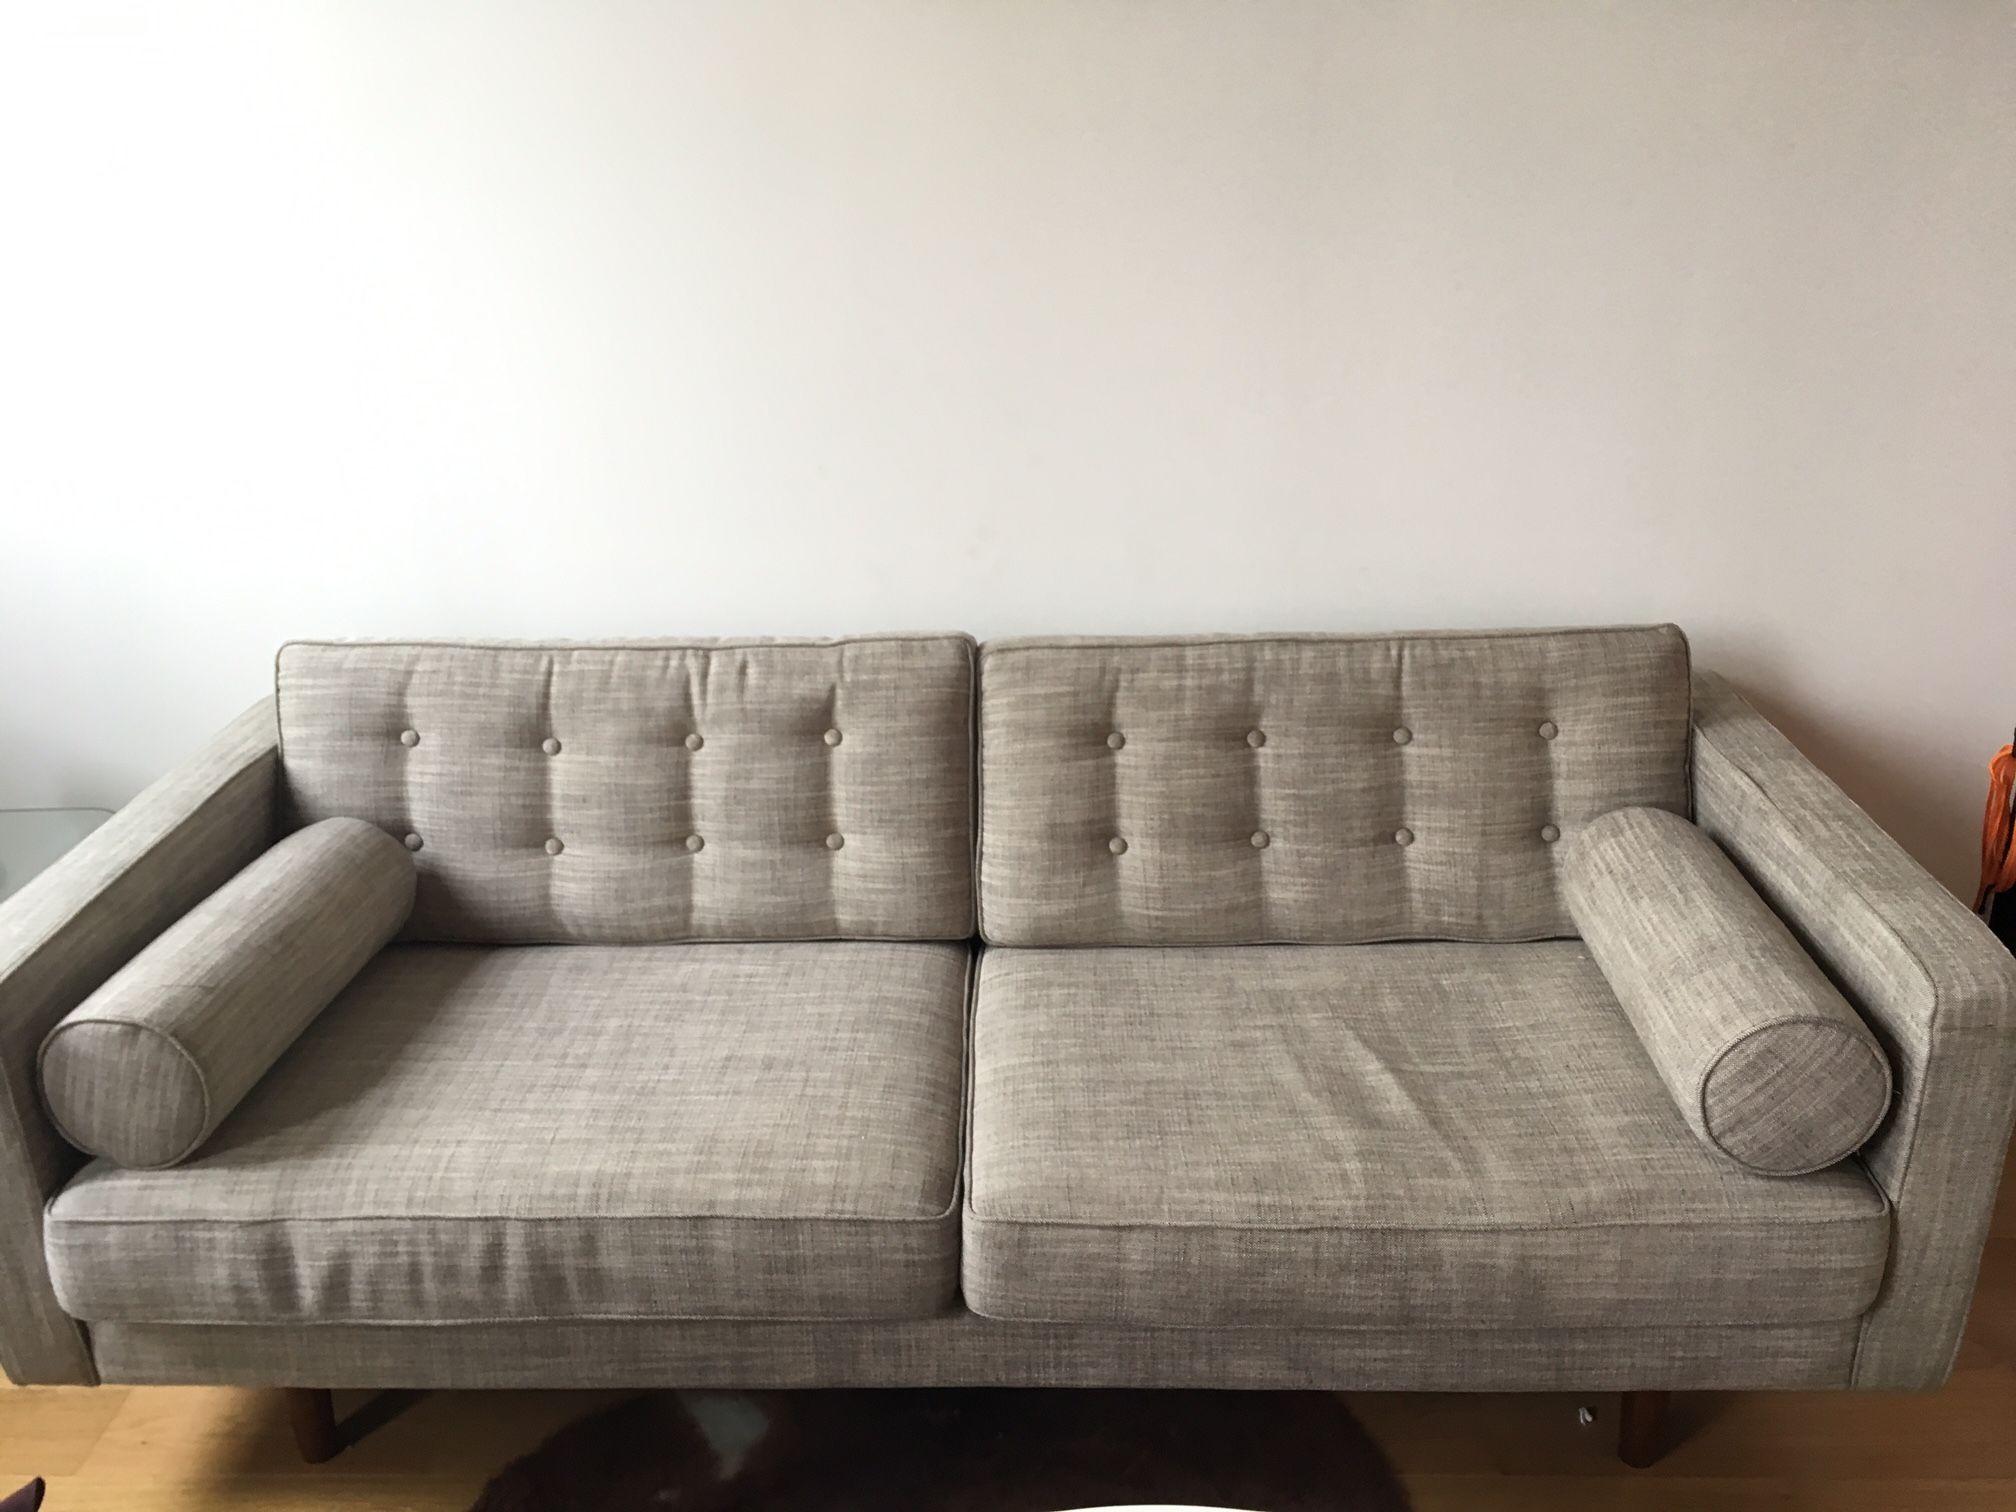 canap s gris occasion lyon 1 69 annonces achat et vente de canap s gris paruvendu mondebarras. Black Bedroom Furniture Sets. Home Design Ideas